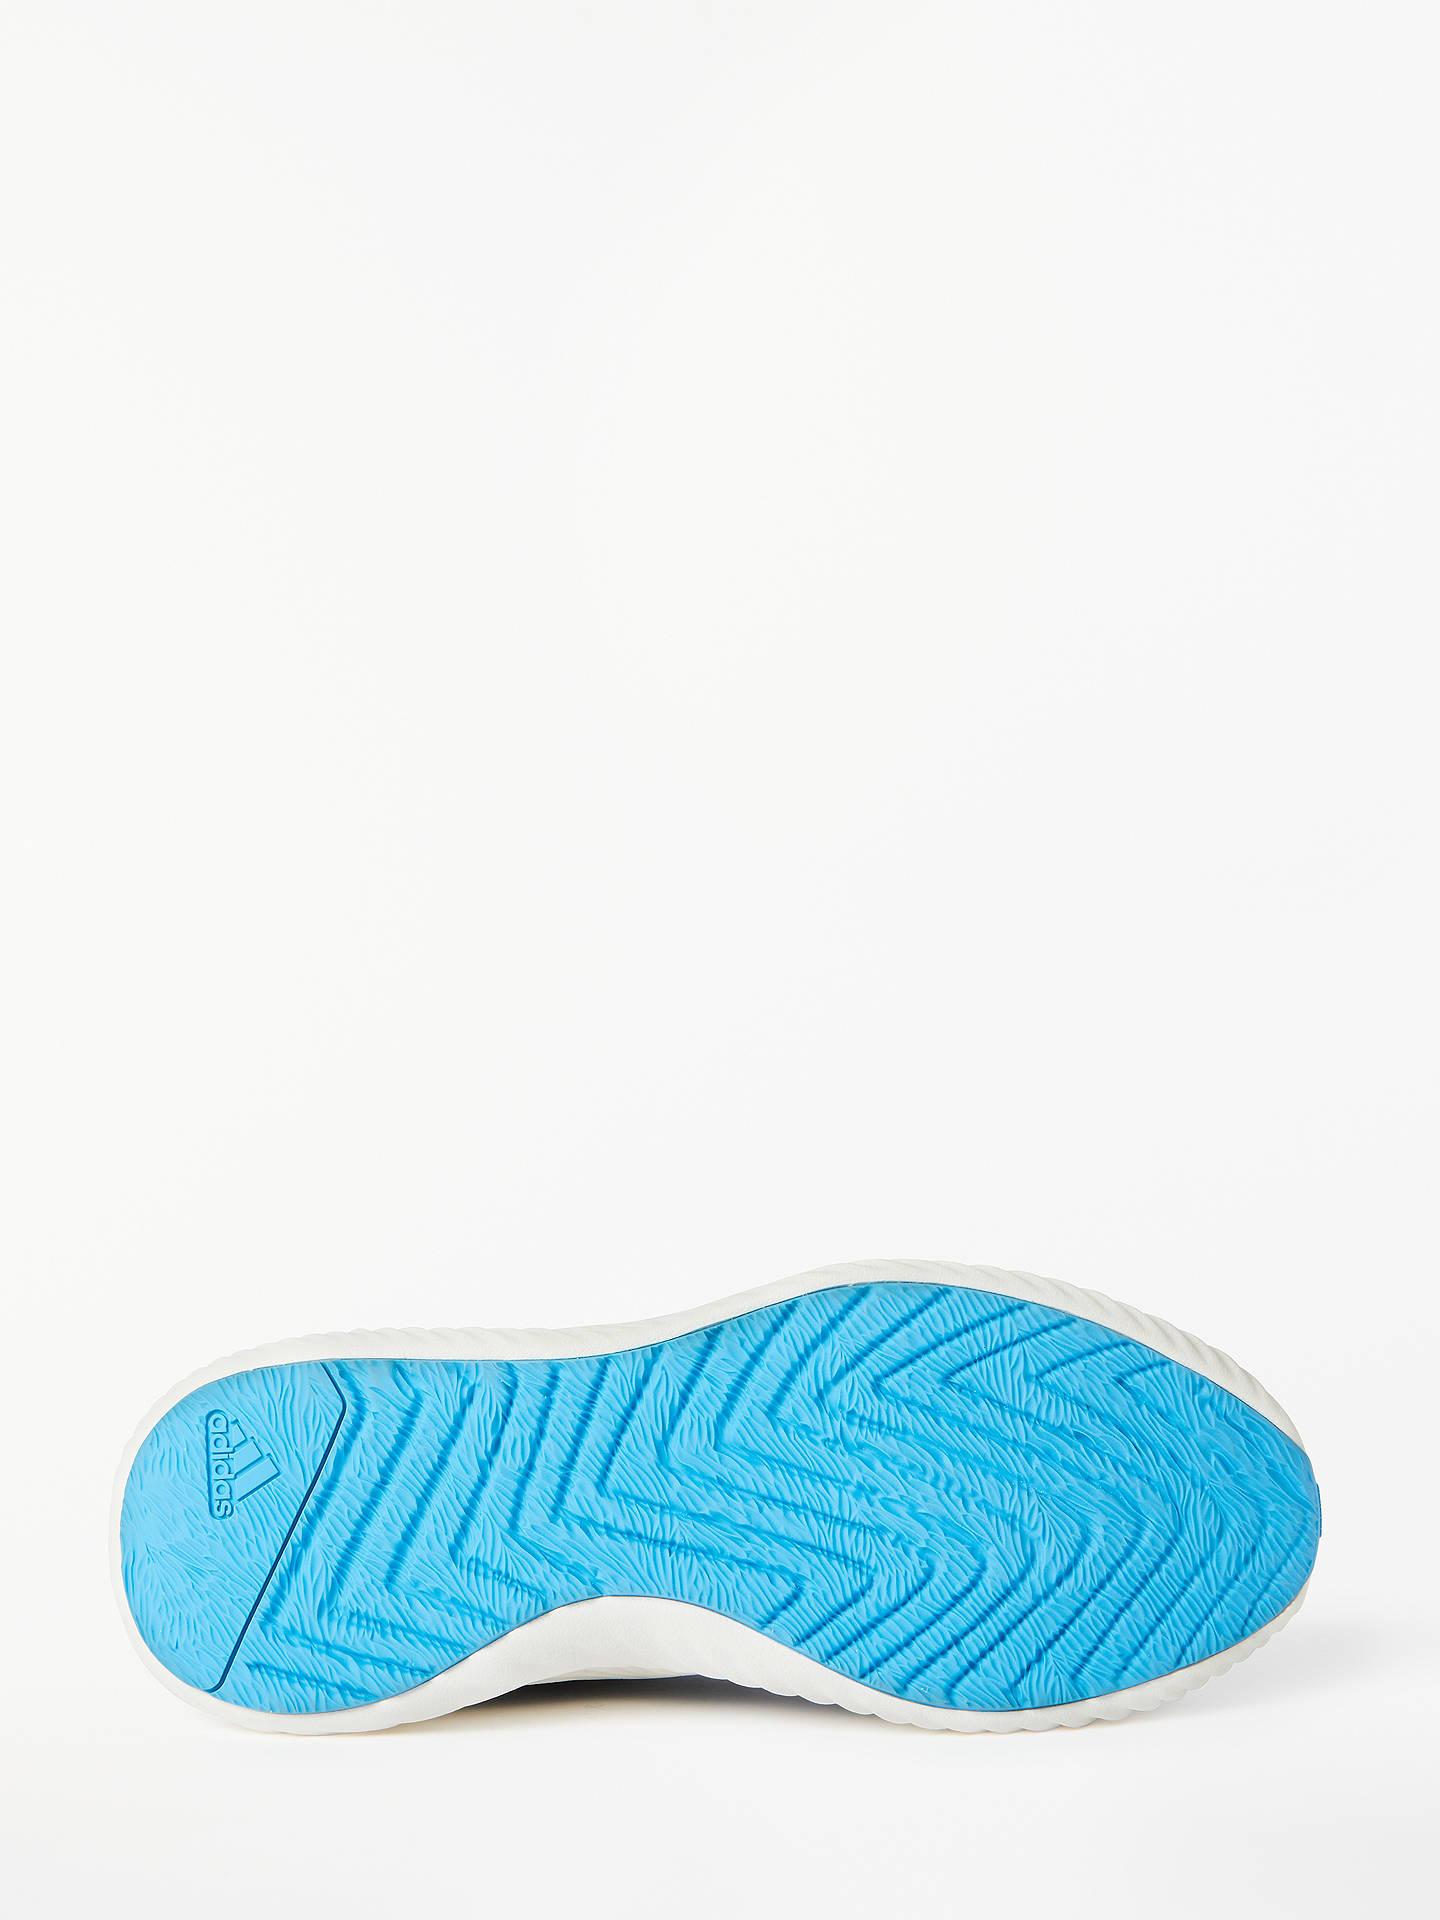 e842c52e9 ... Buy adidas Alphabounce RC 2.0 Men s Running Shoes